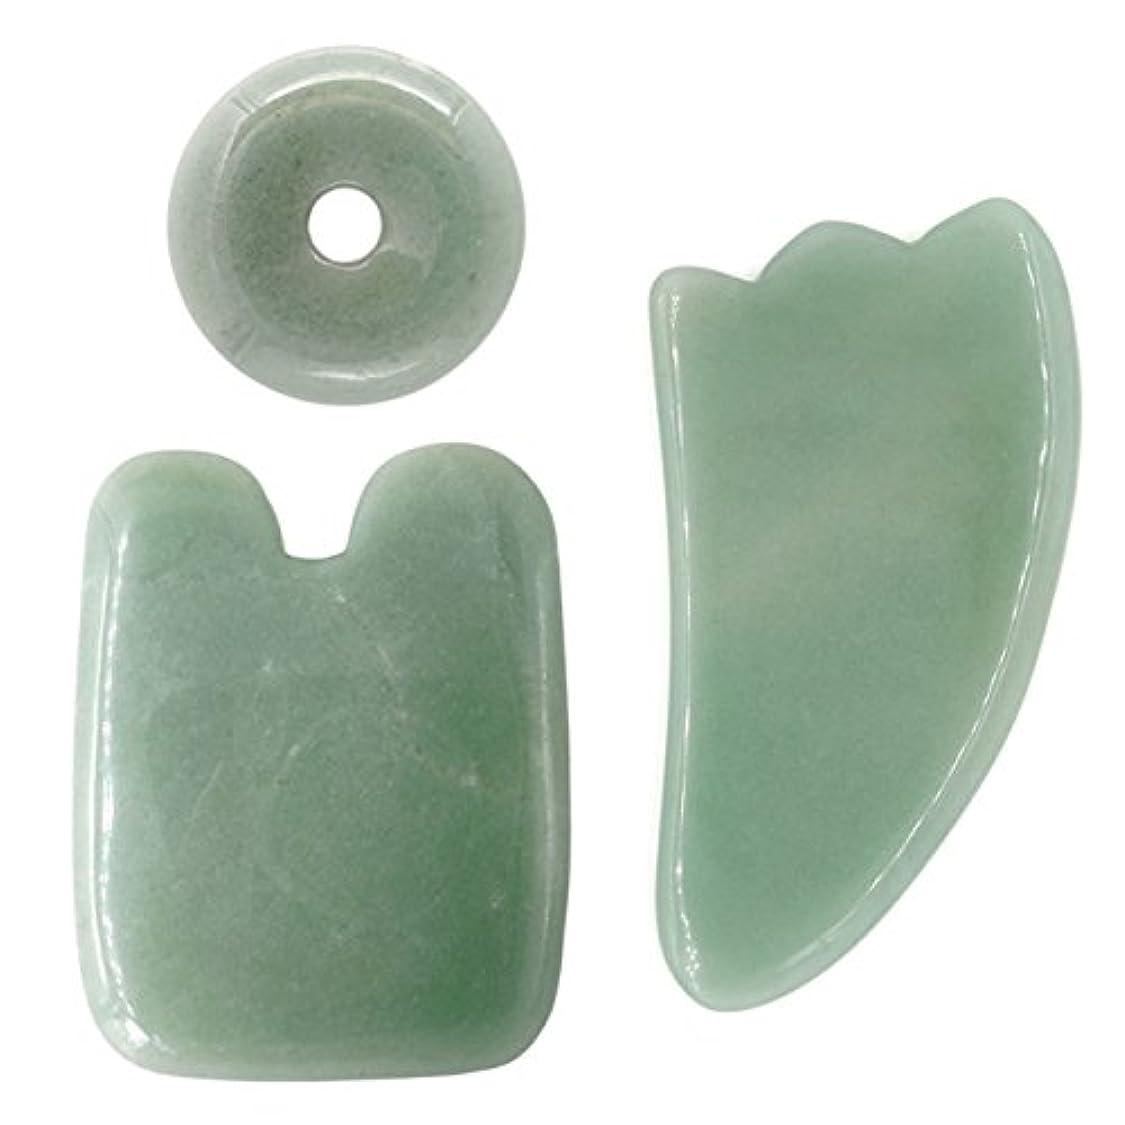 骨折成分賭け3点セット3pcsFace / Body Massage Natural Jade Boardかっさプレート 天然石 翡翠(顔?ボディのリンパマッサージ)